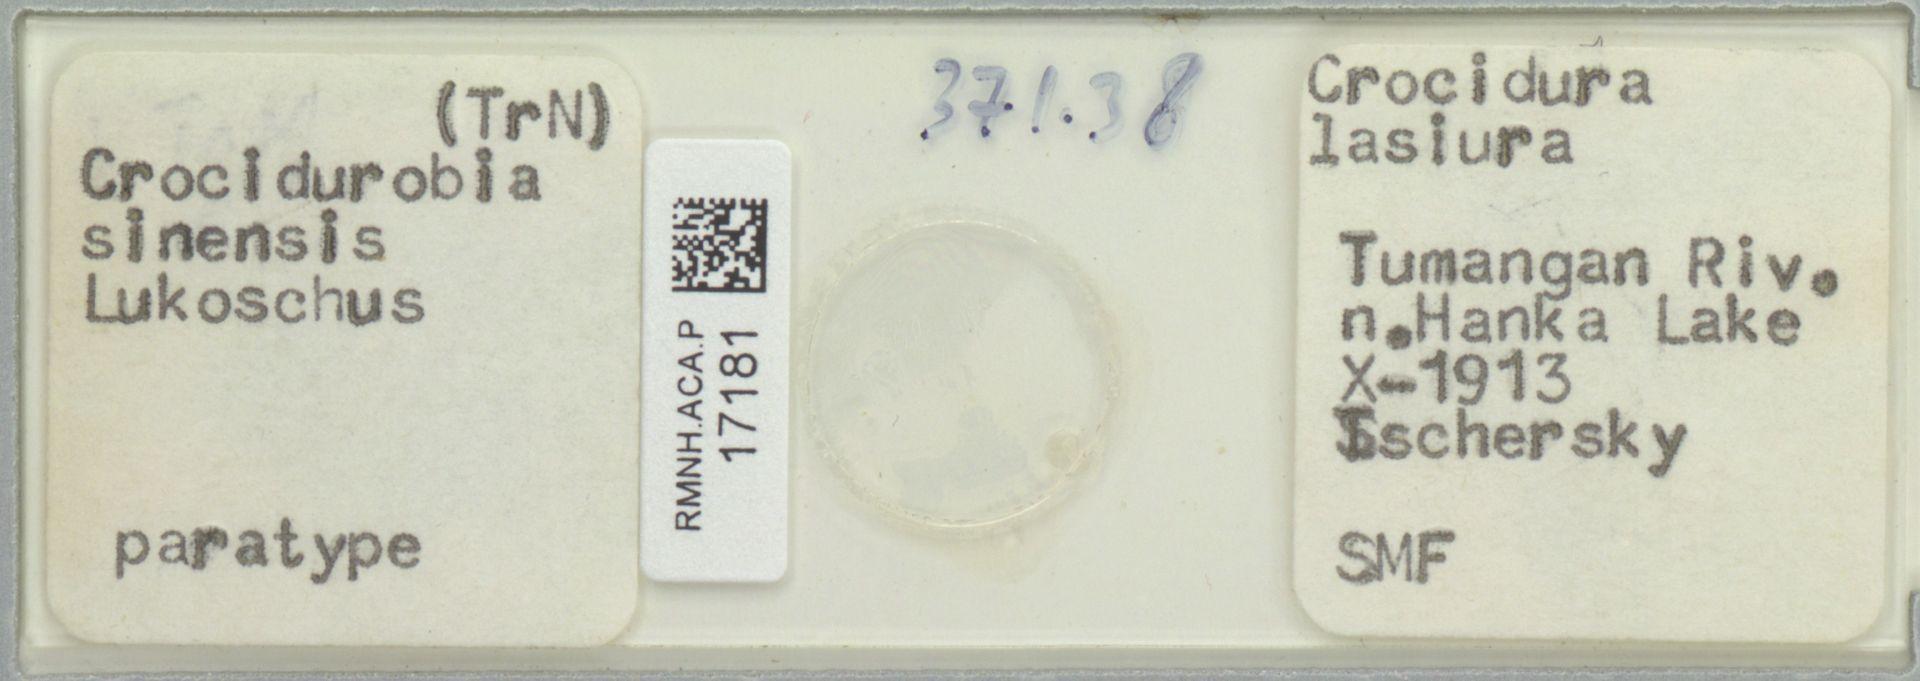 RMNH.ACA.P.17181 | Crocidurobia sinensis